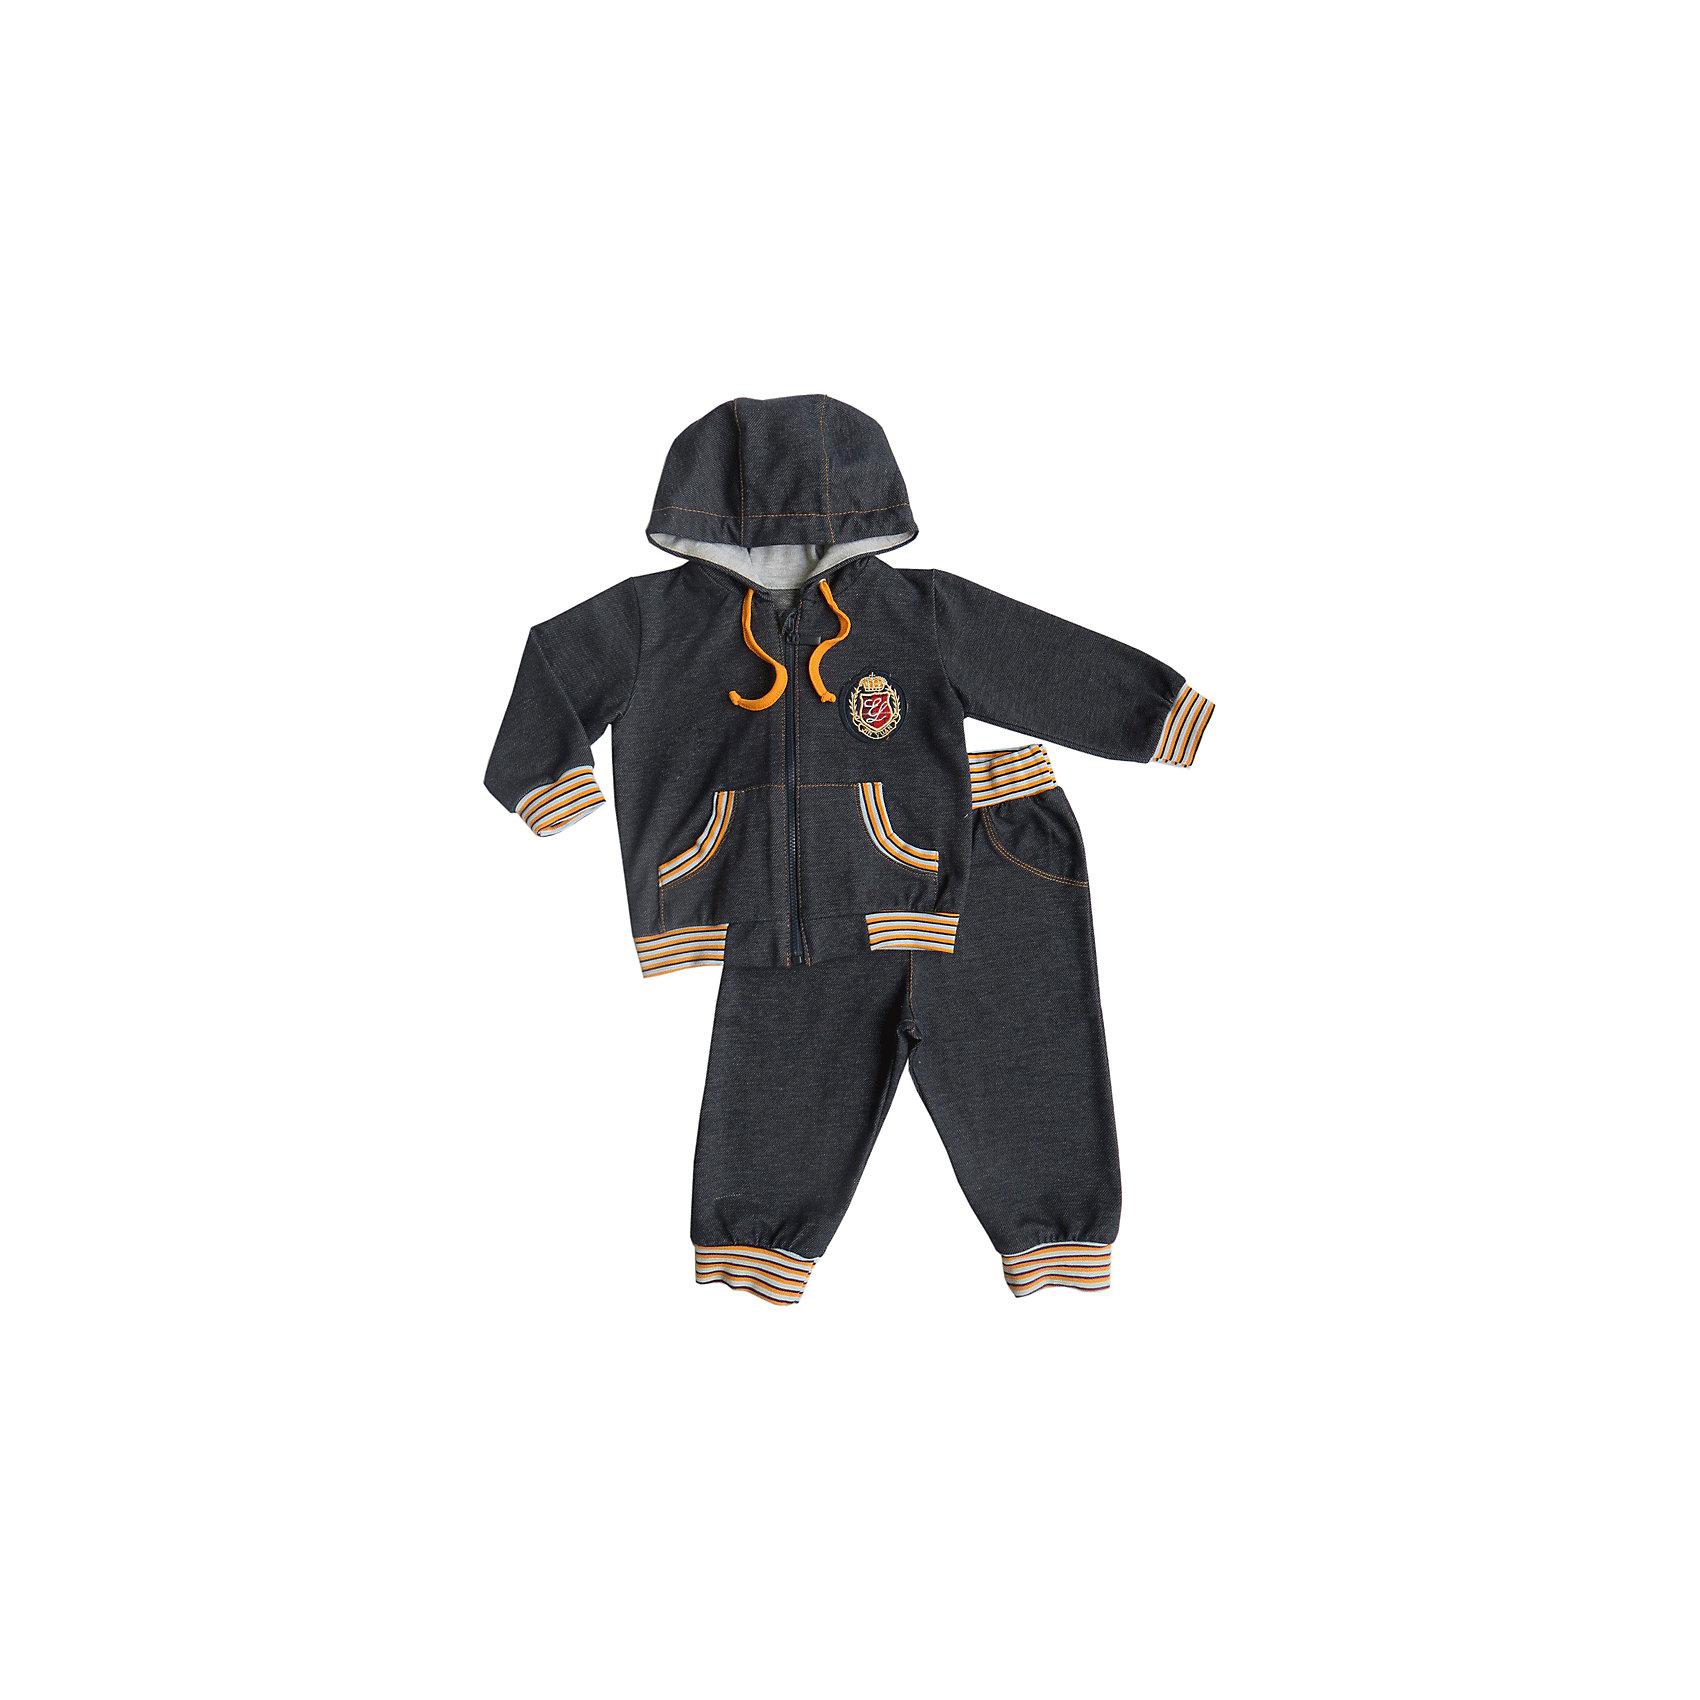 Комплект: толстовка и брюки для мальчика Soni kidsКомплект: толстовка и брюки для мальчика от известного бренда Soni kids<br>Состав:<br>100% хлопок<br><br>Ширина мм: 157<br>Глубина мм: 13<br>Высота мм: 119<br>Вес г: 200<br>Цвет: разноцветный<br>Возраст от месяцев: 18<br>Возраст до месяцев: 24<br>Пол: Мужской<br>Возраст: Детский<br>Размер: 92,80,86<br>SKU: 4689641